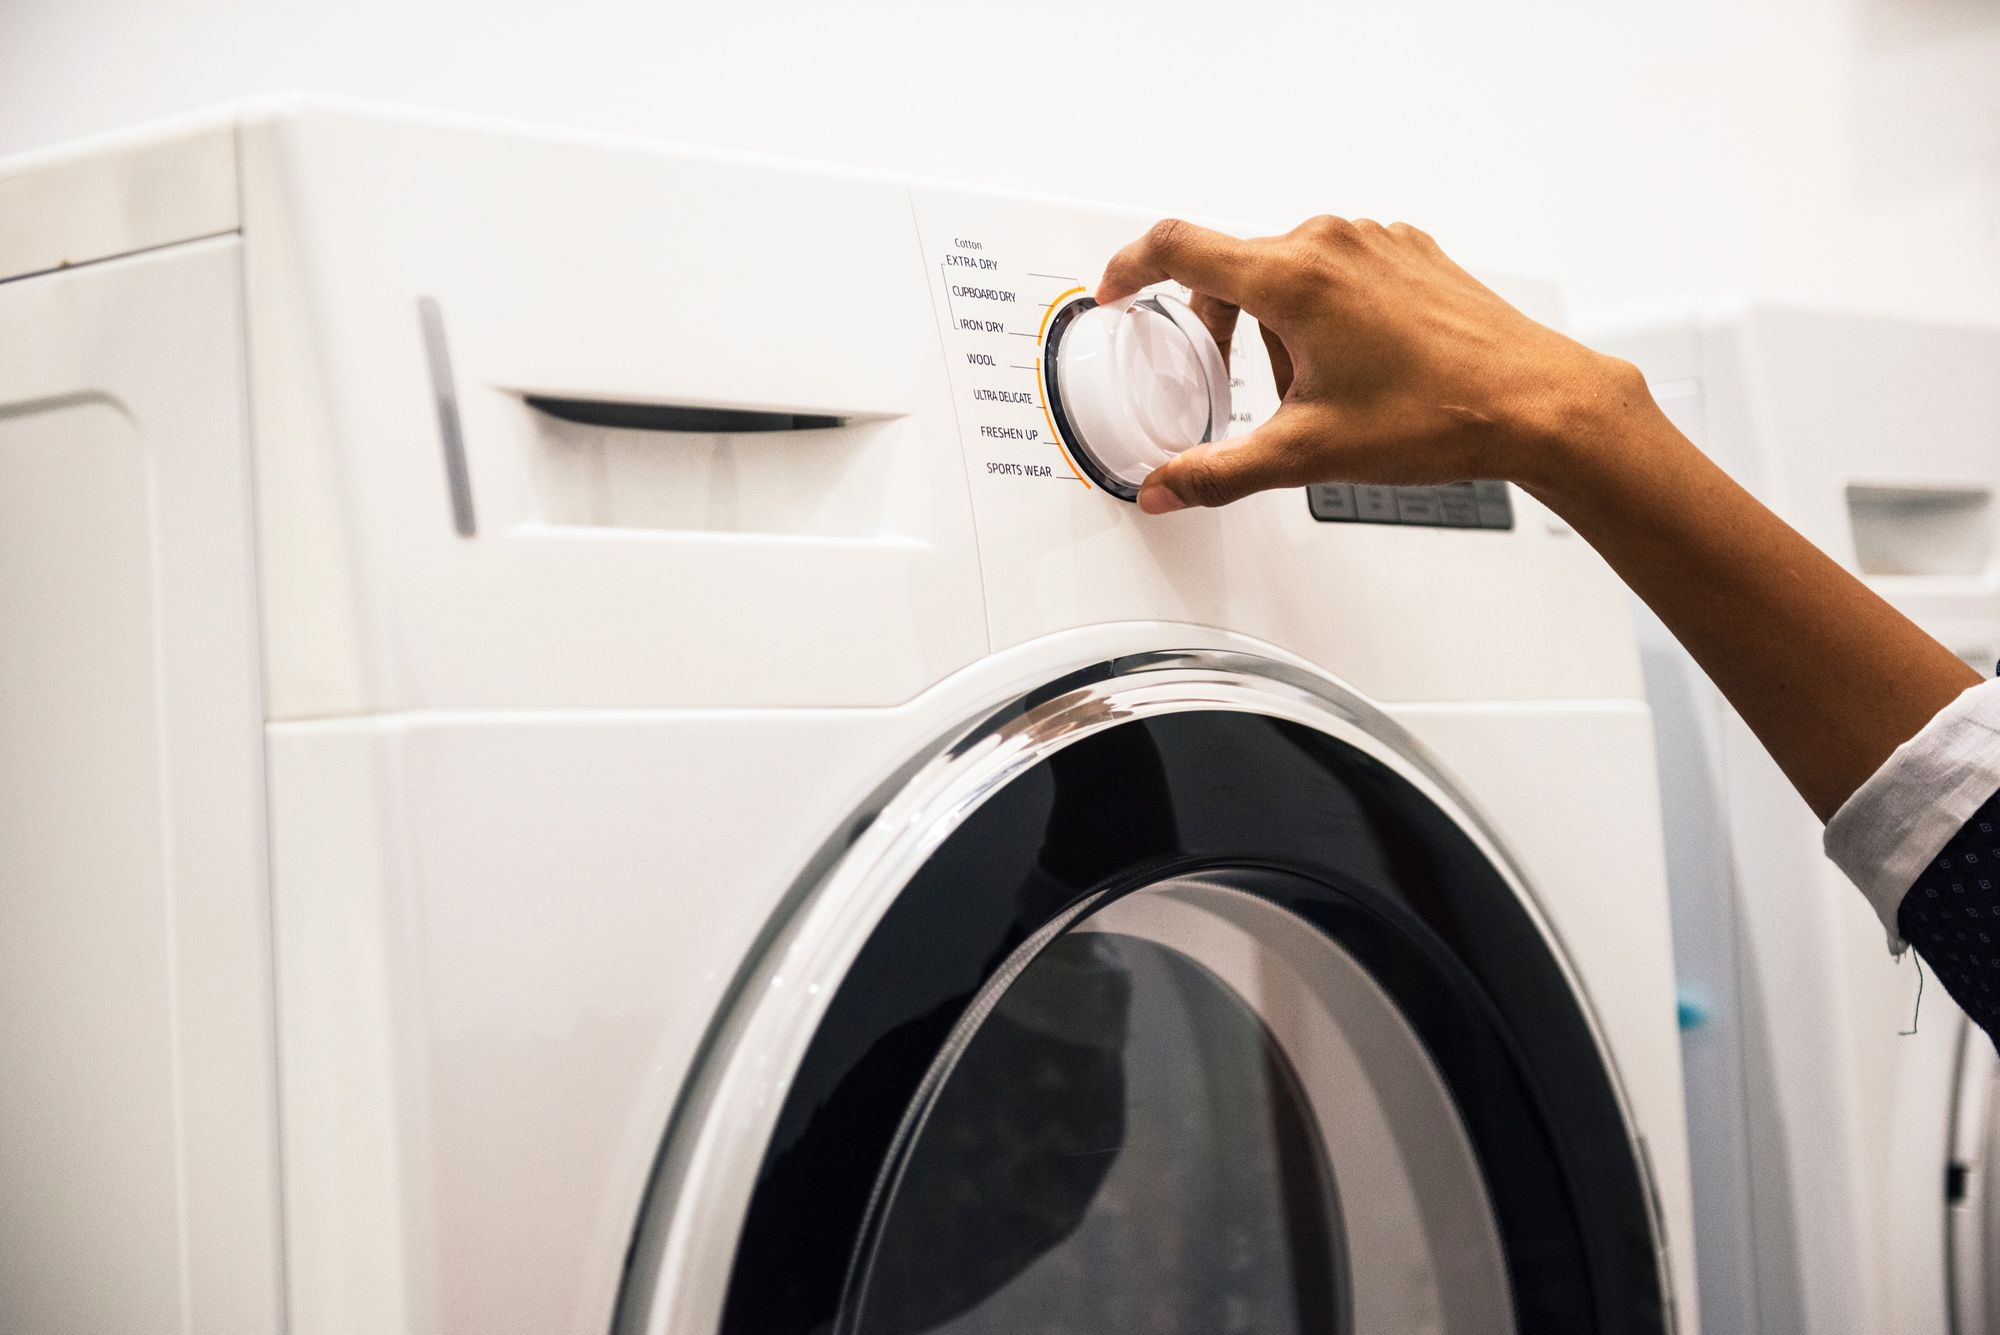 регулятор на стиральной машинке